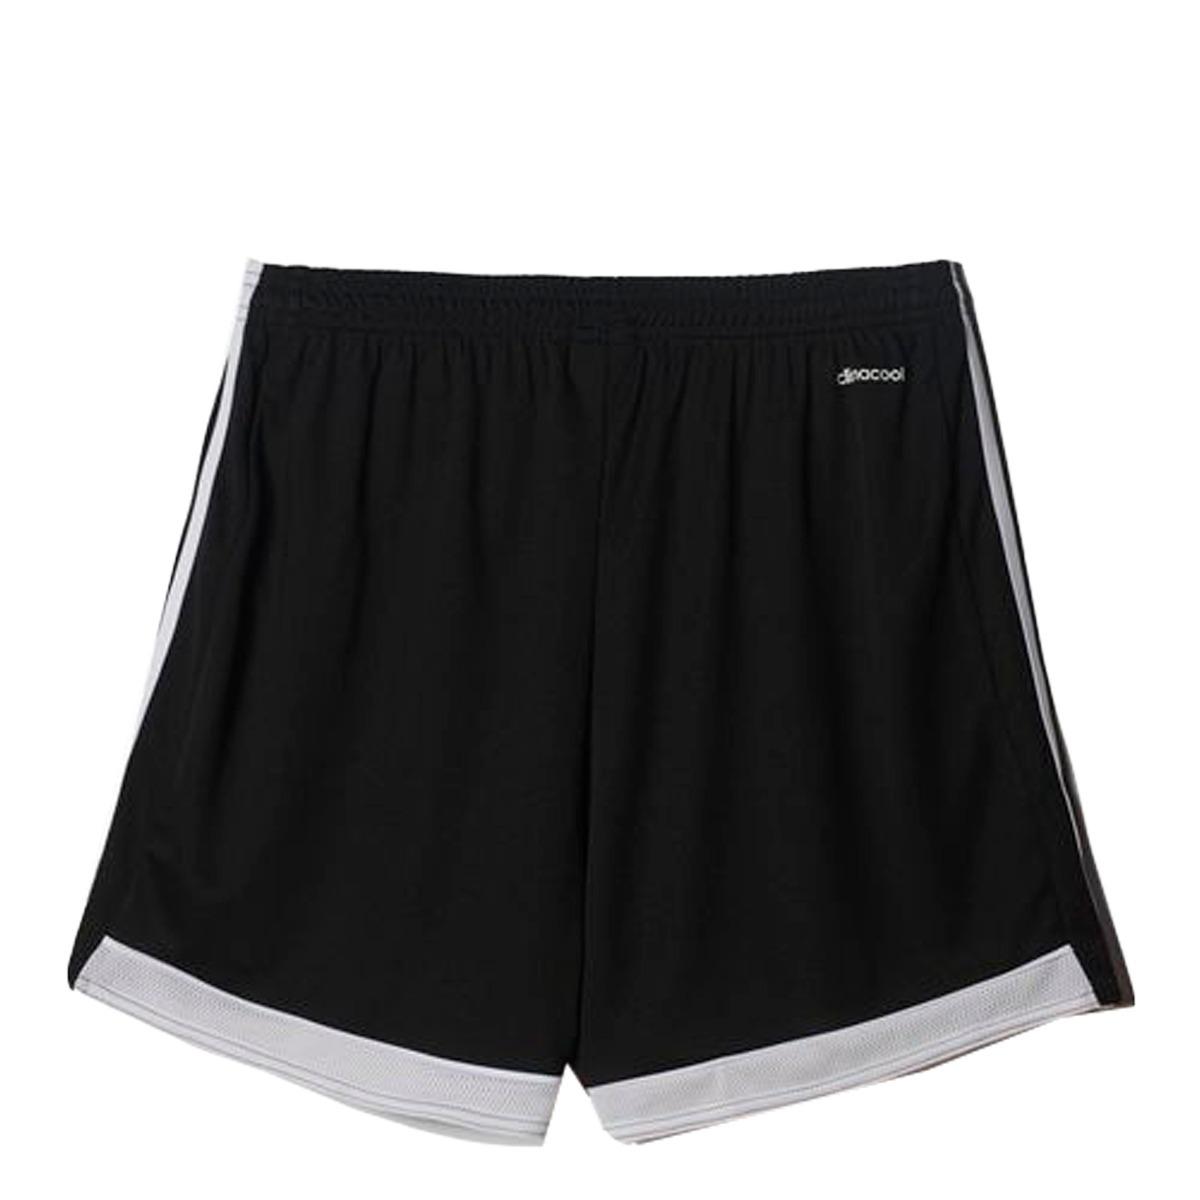 Shorts Adulto Feminino adidas G70832 Regista 14 Womem - R  59 65d4c9f3a9af5